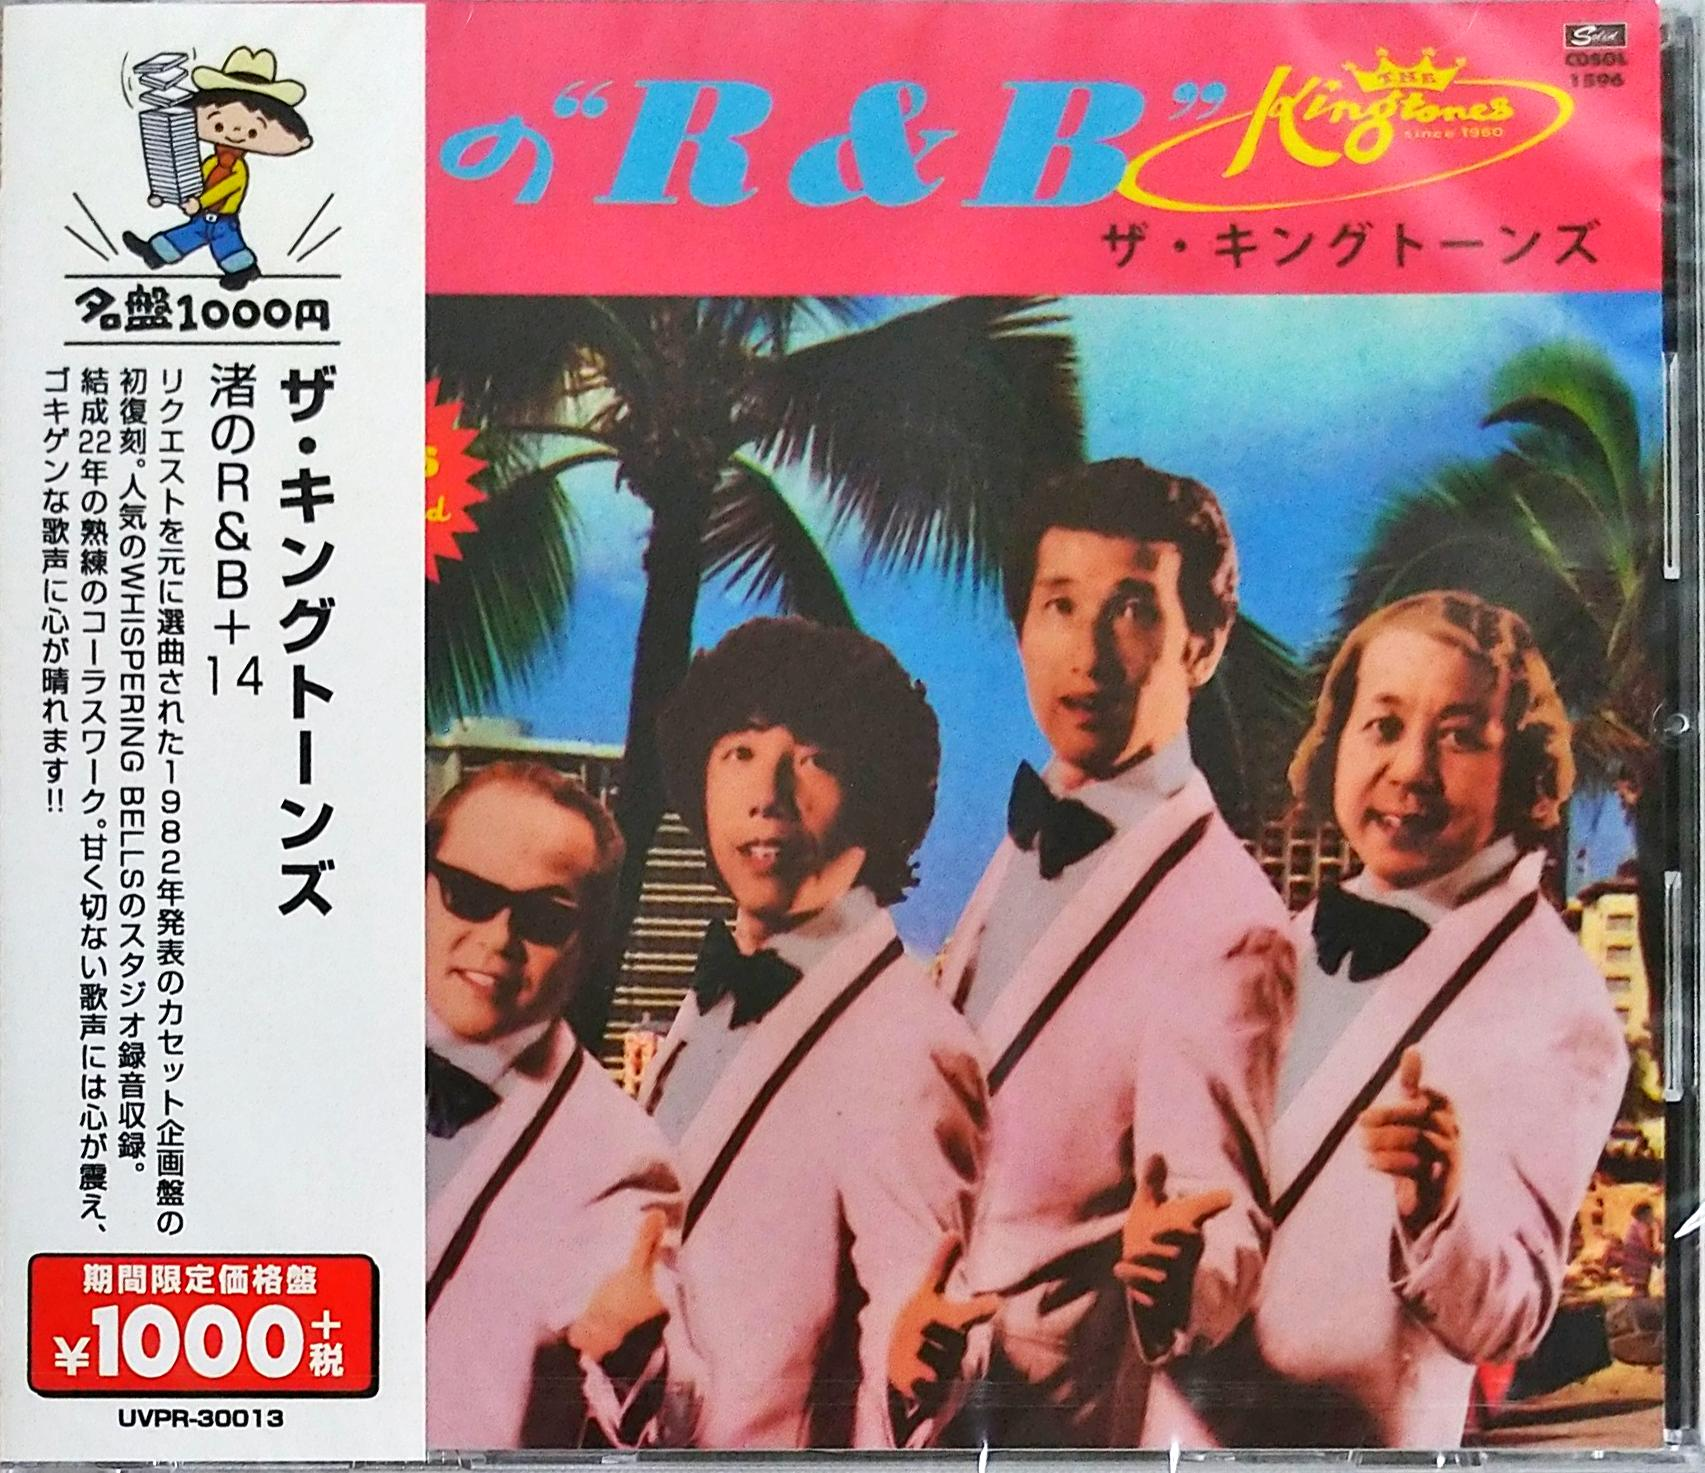 芽瑠璃堂 > キングトーンズ 『渚の R&B (期間限定価格盤)』UVPR30013